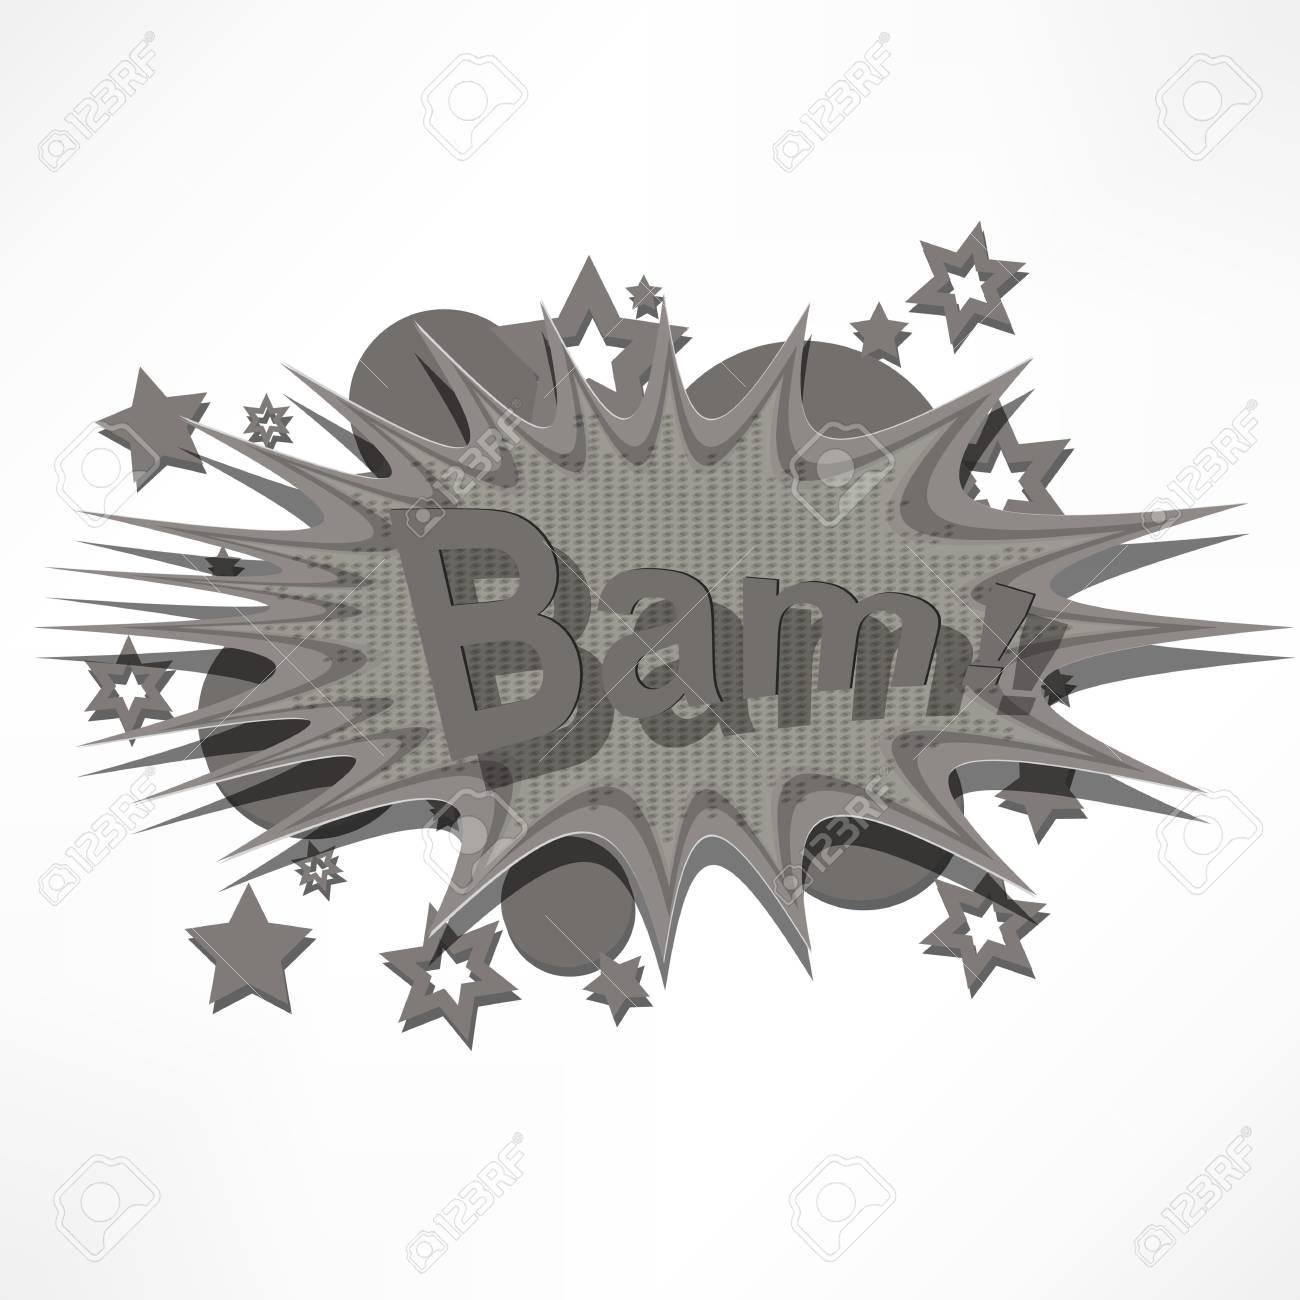 Bam. Comic book explosion. Stock Vector - 15776424